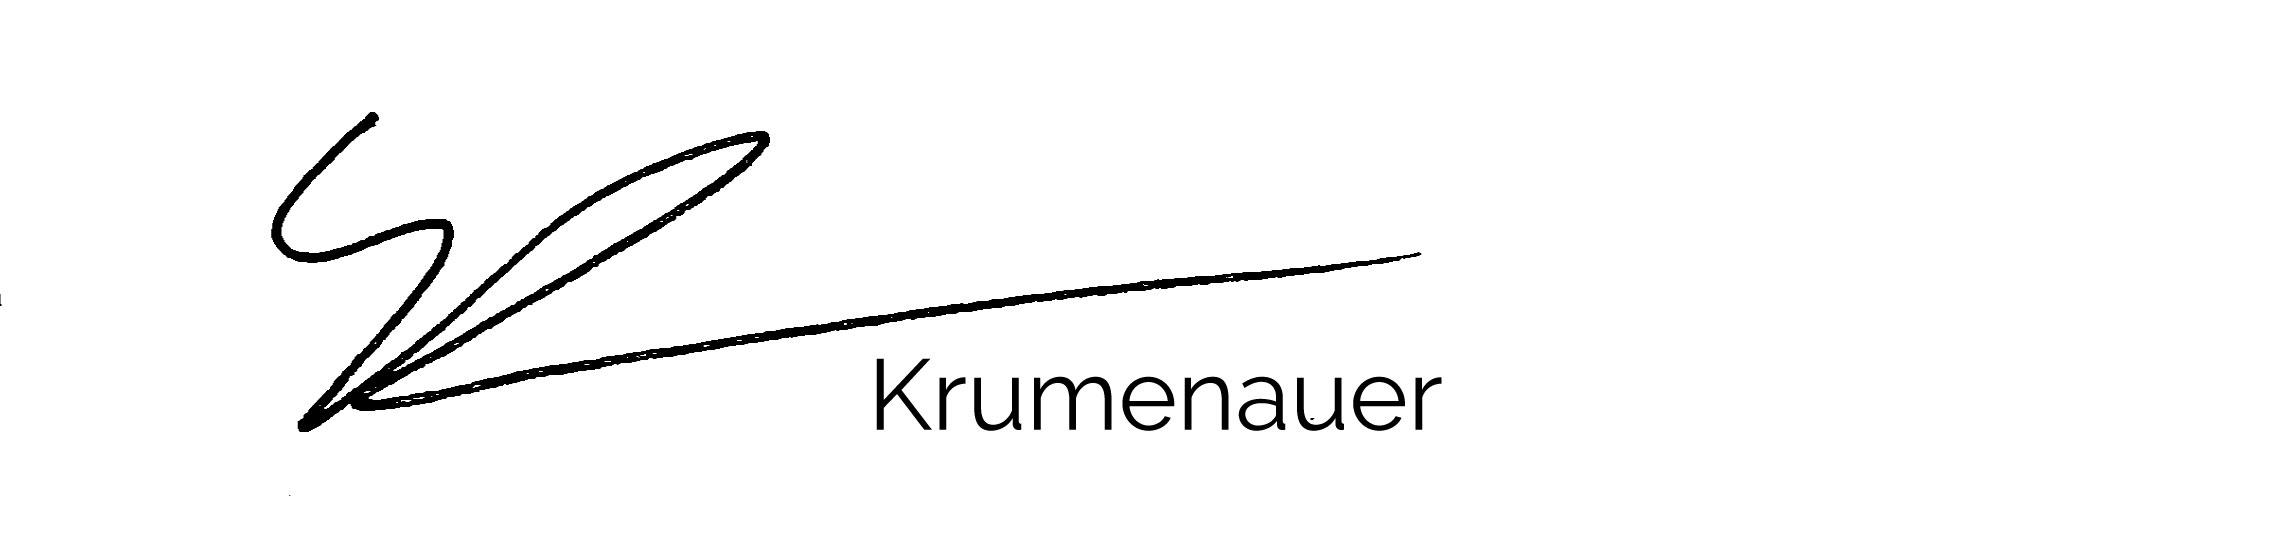 Kevin Krumenauer